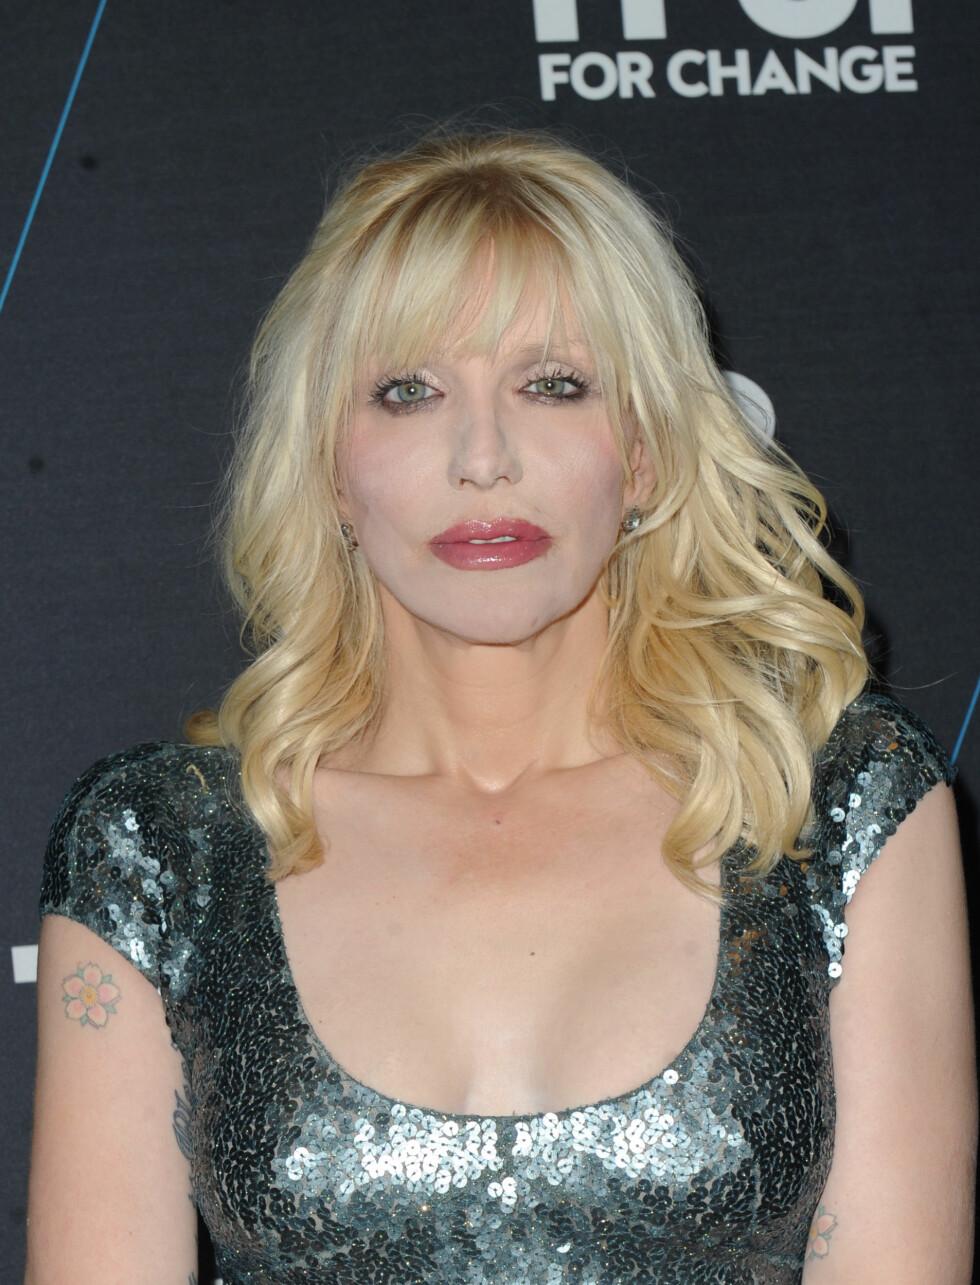 Courtney Love i 2014. Love har tidligere fortalt at hun tatt en ansiktsløftning.  Foto: A. Ariani / Splash News/ All Over Press